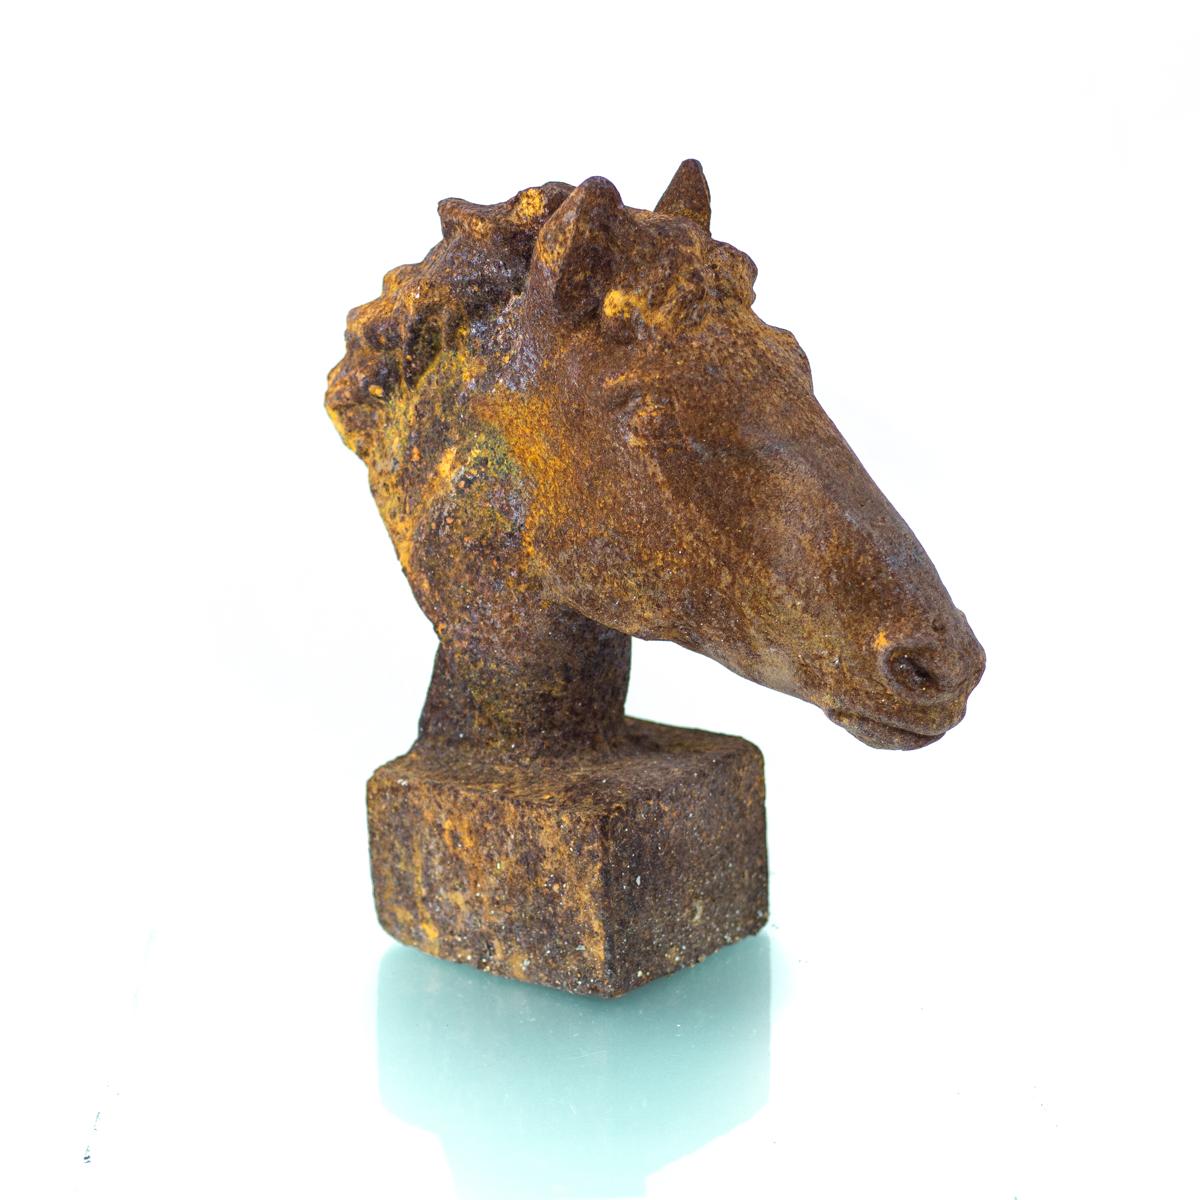 gar pferdekopf klein h30cm ped ci286 kl 99